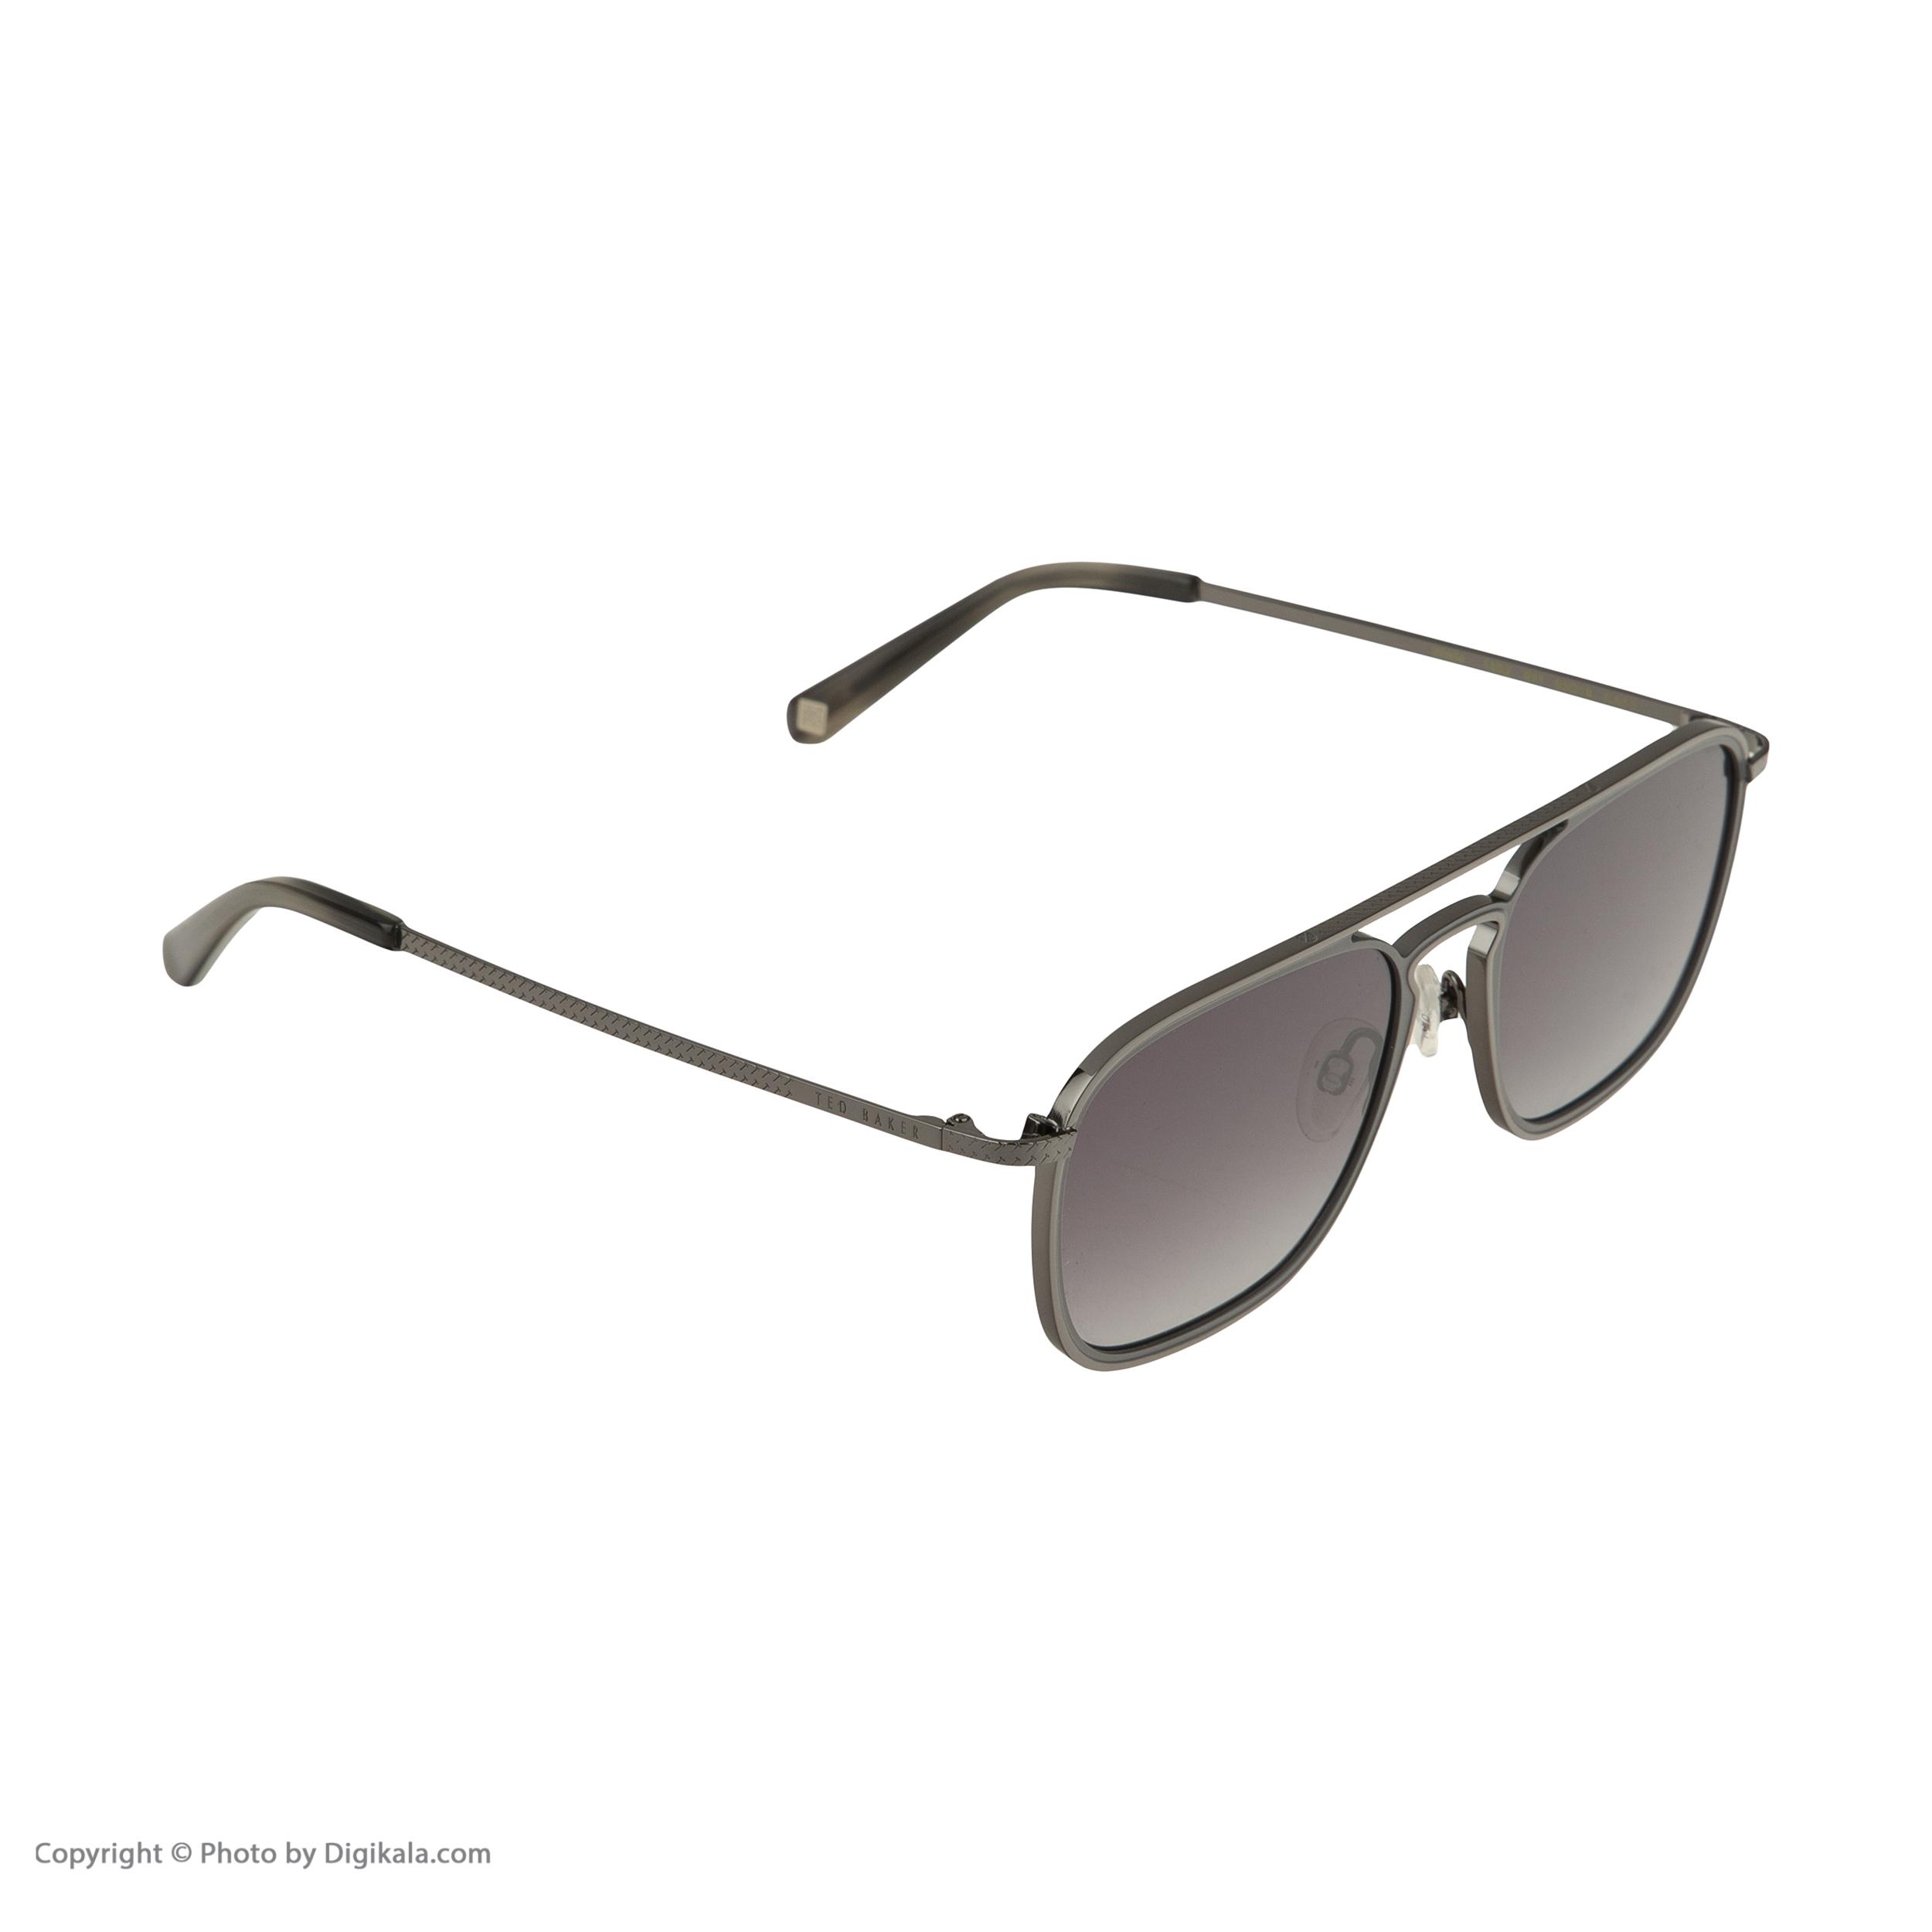 عینک آفتابی مردانه تد بیکر مدل TB 1552 911